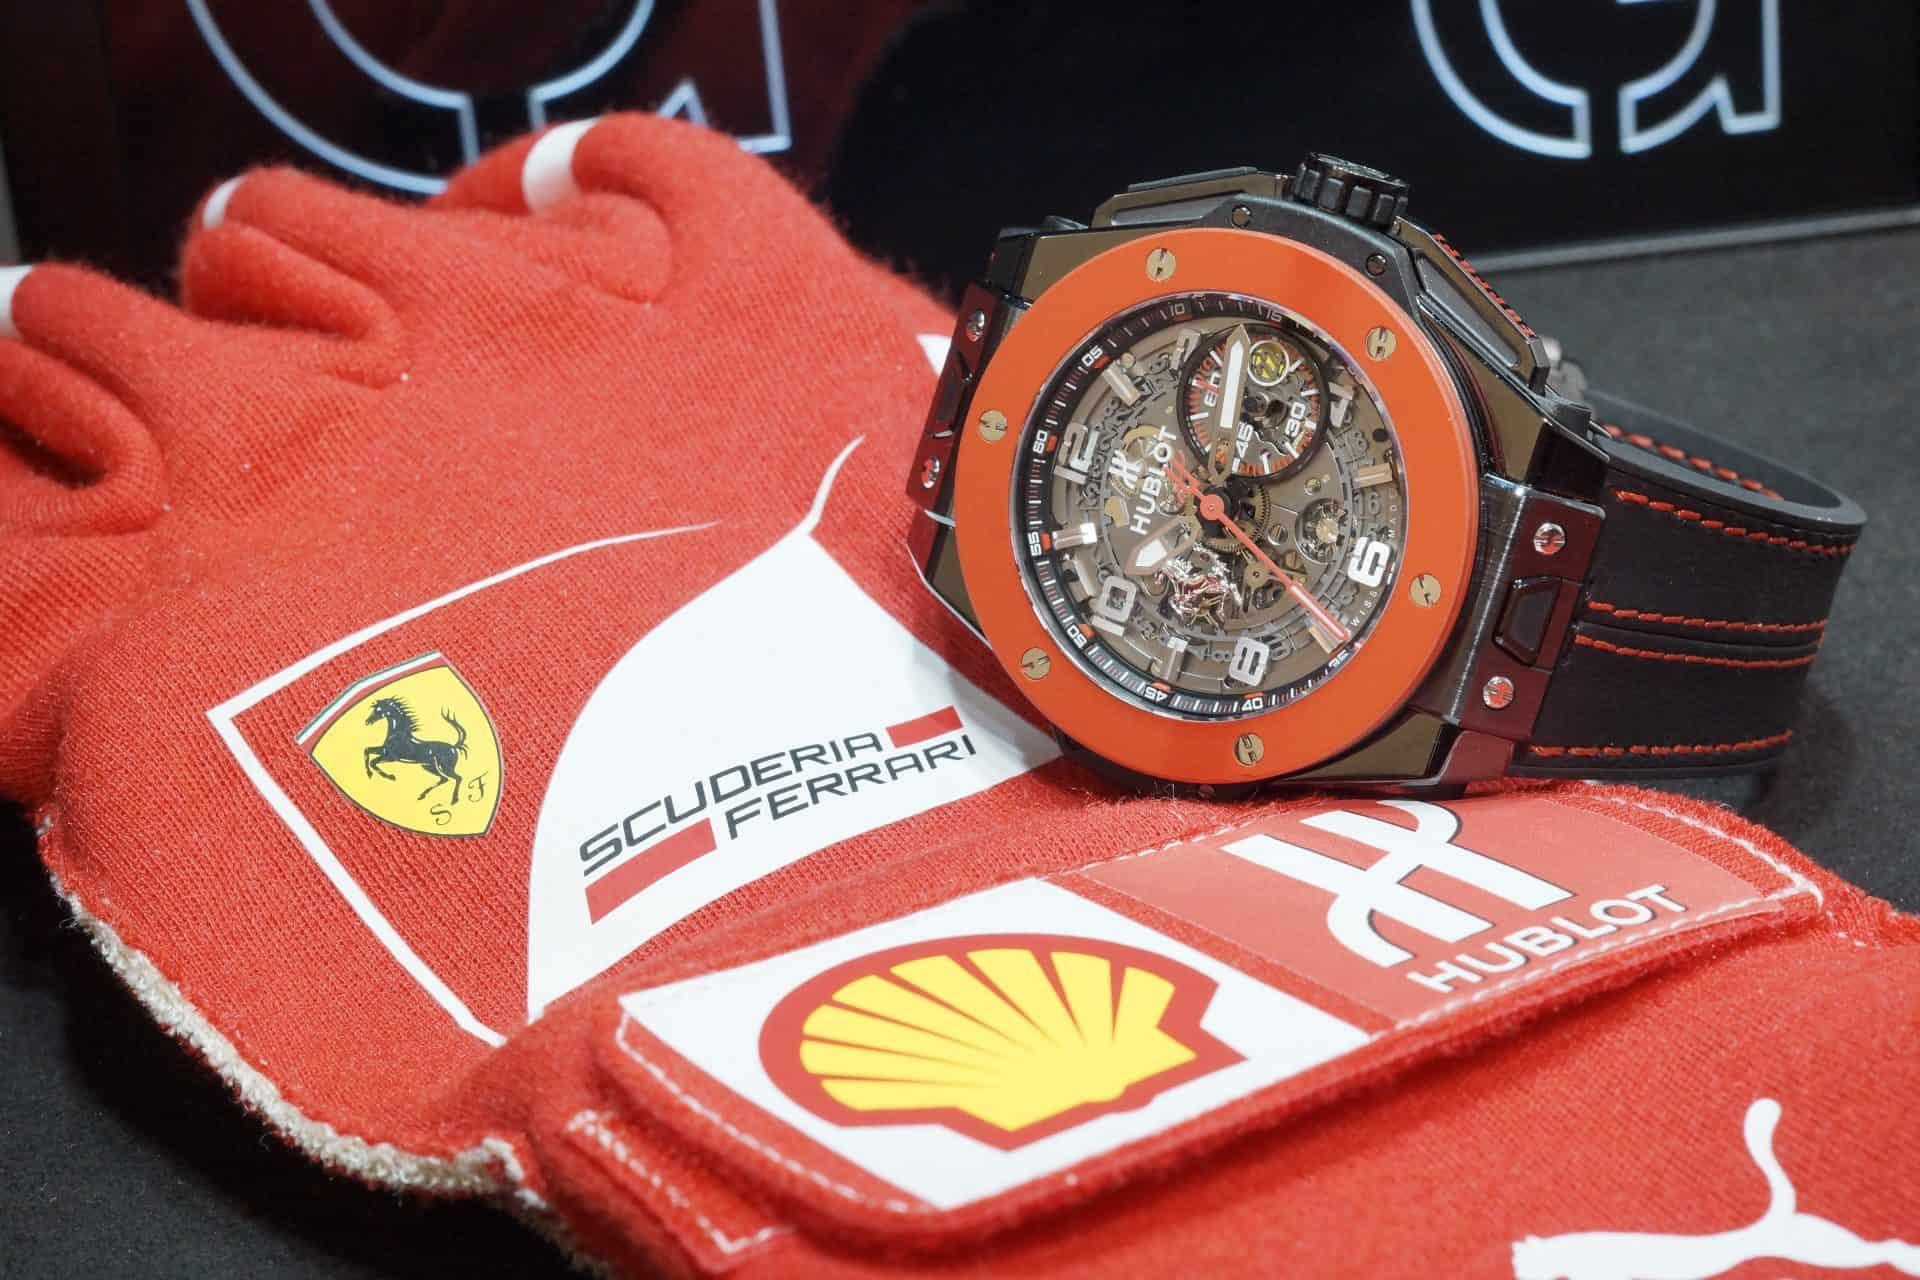 Big Bang Ferrari Red Ceramic Hong Kong